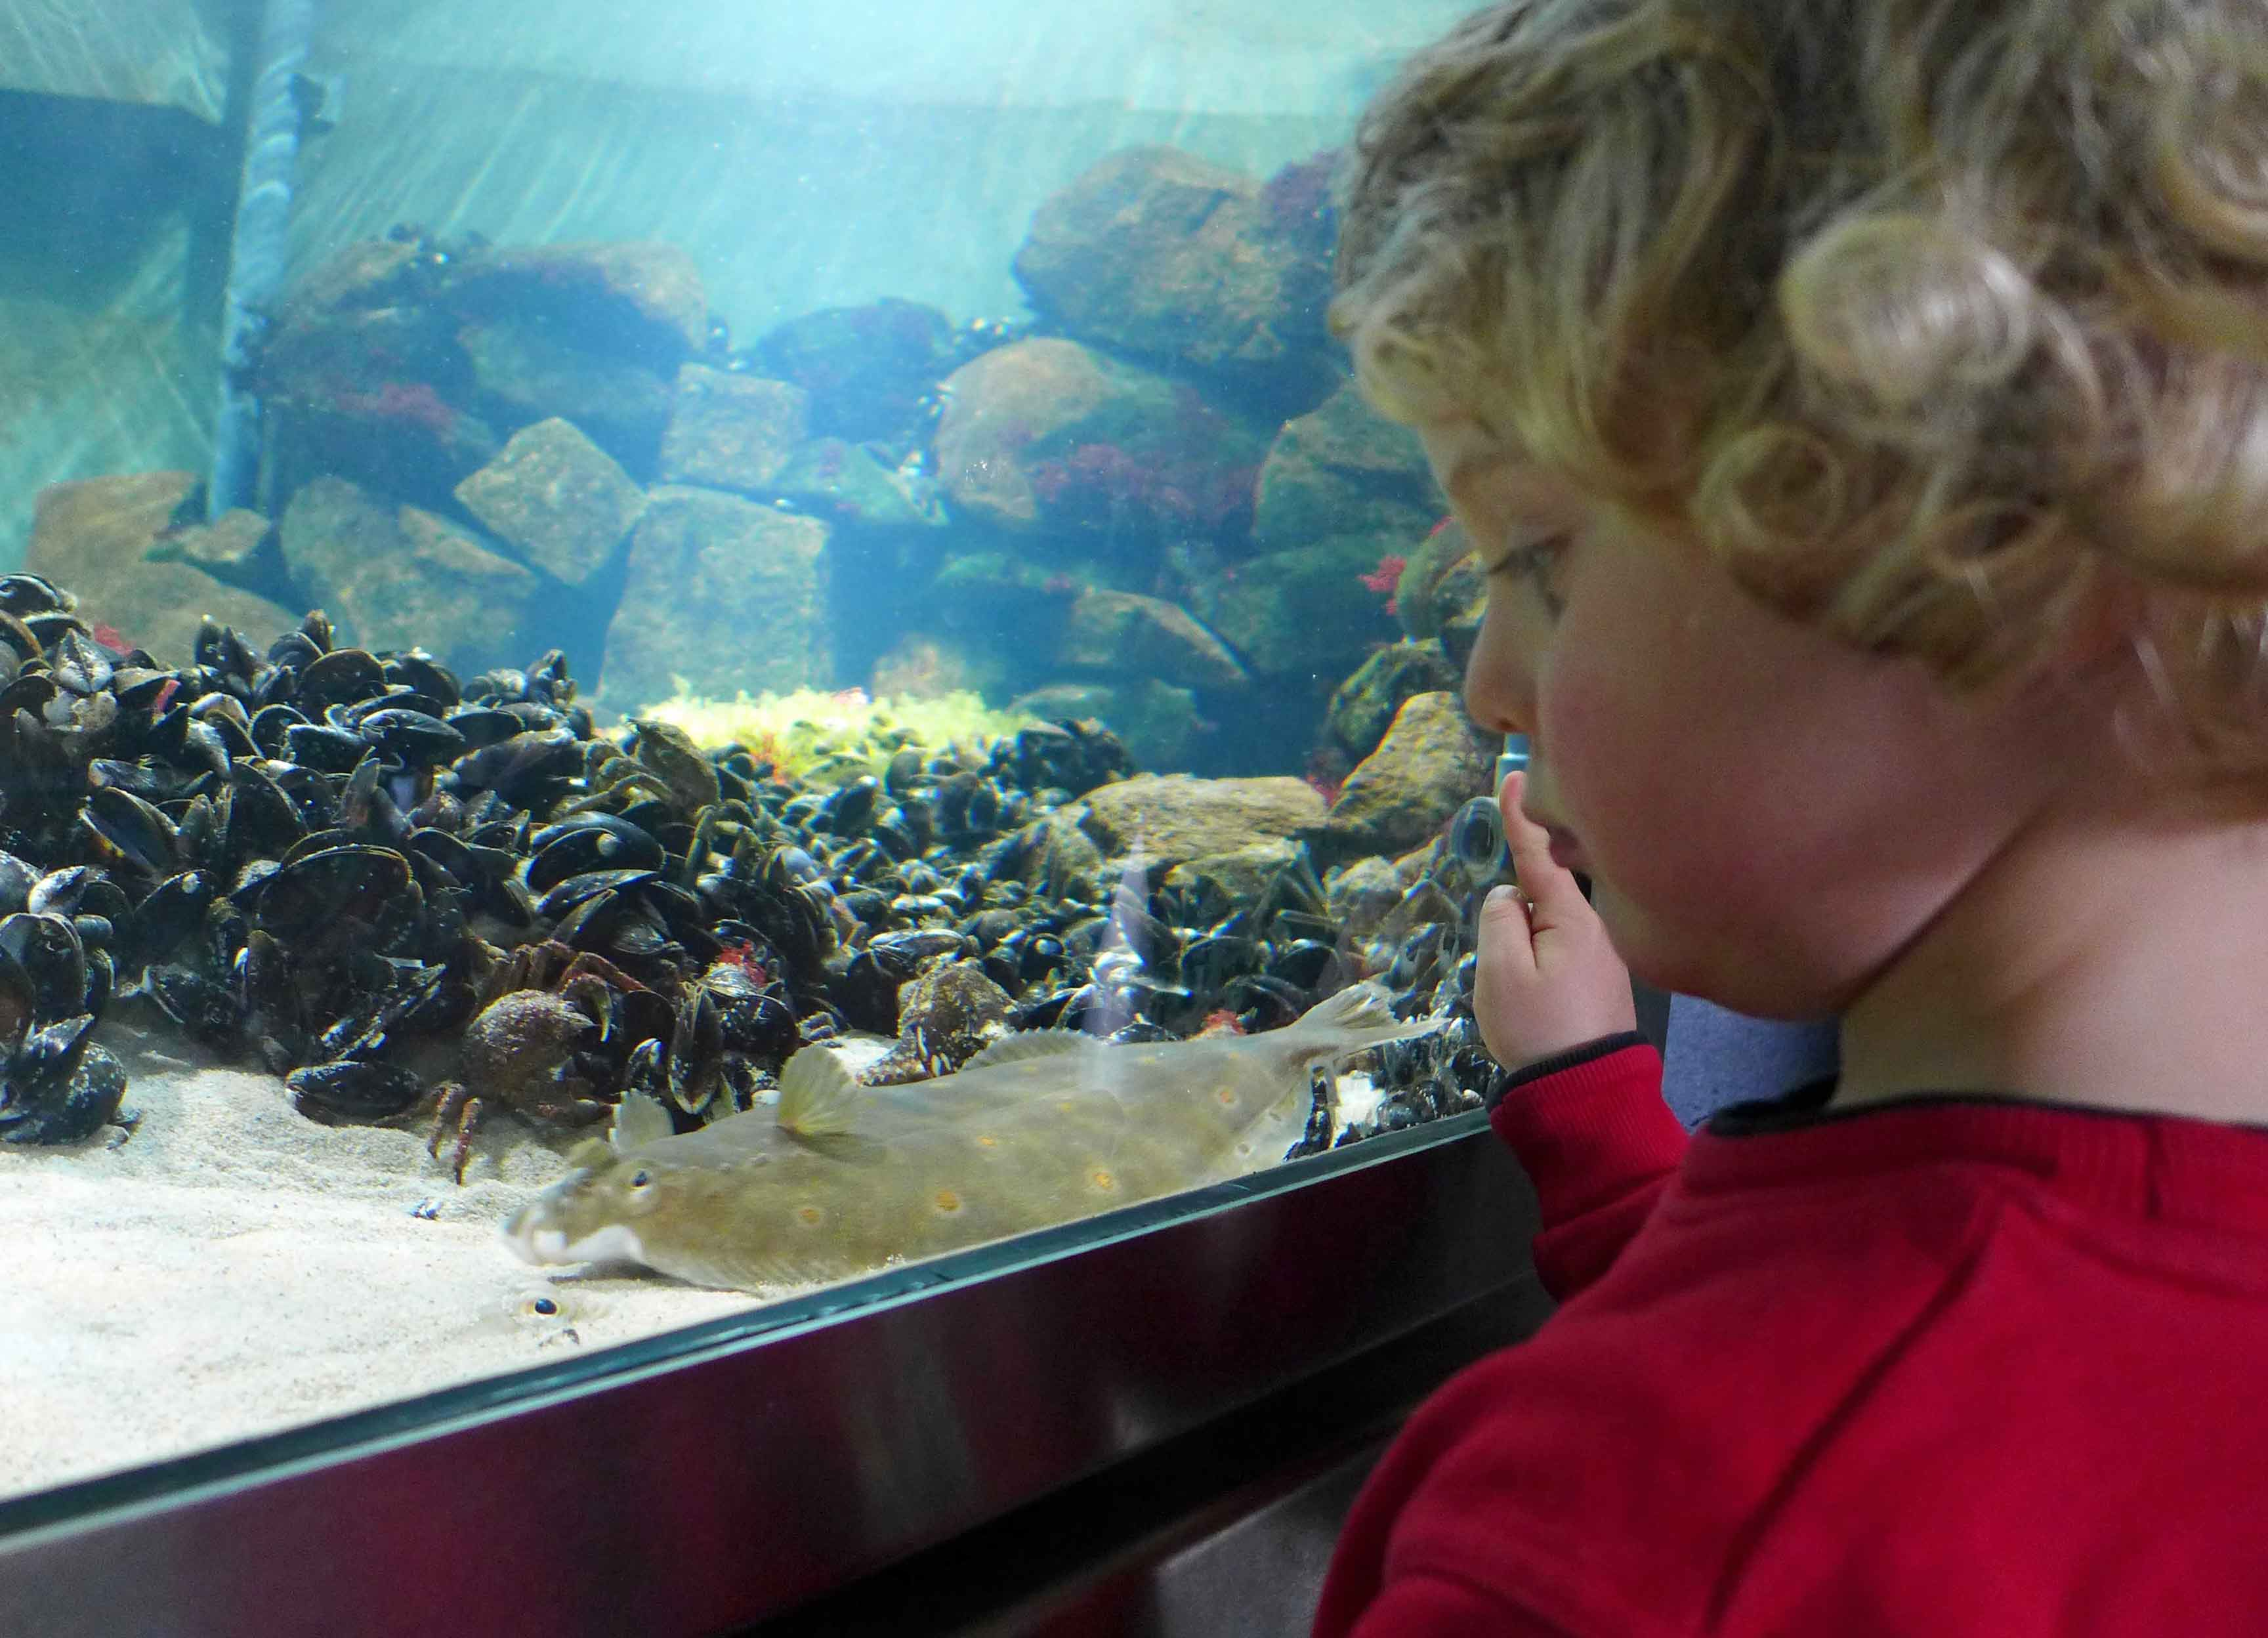 Kleinkind vor einem Aquarium, in dem Schollen im Sand eingebuddelt sind.e